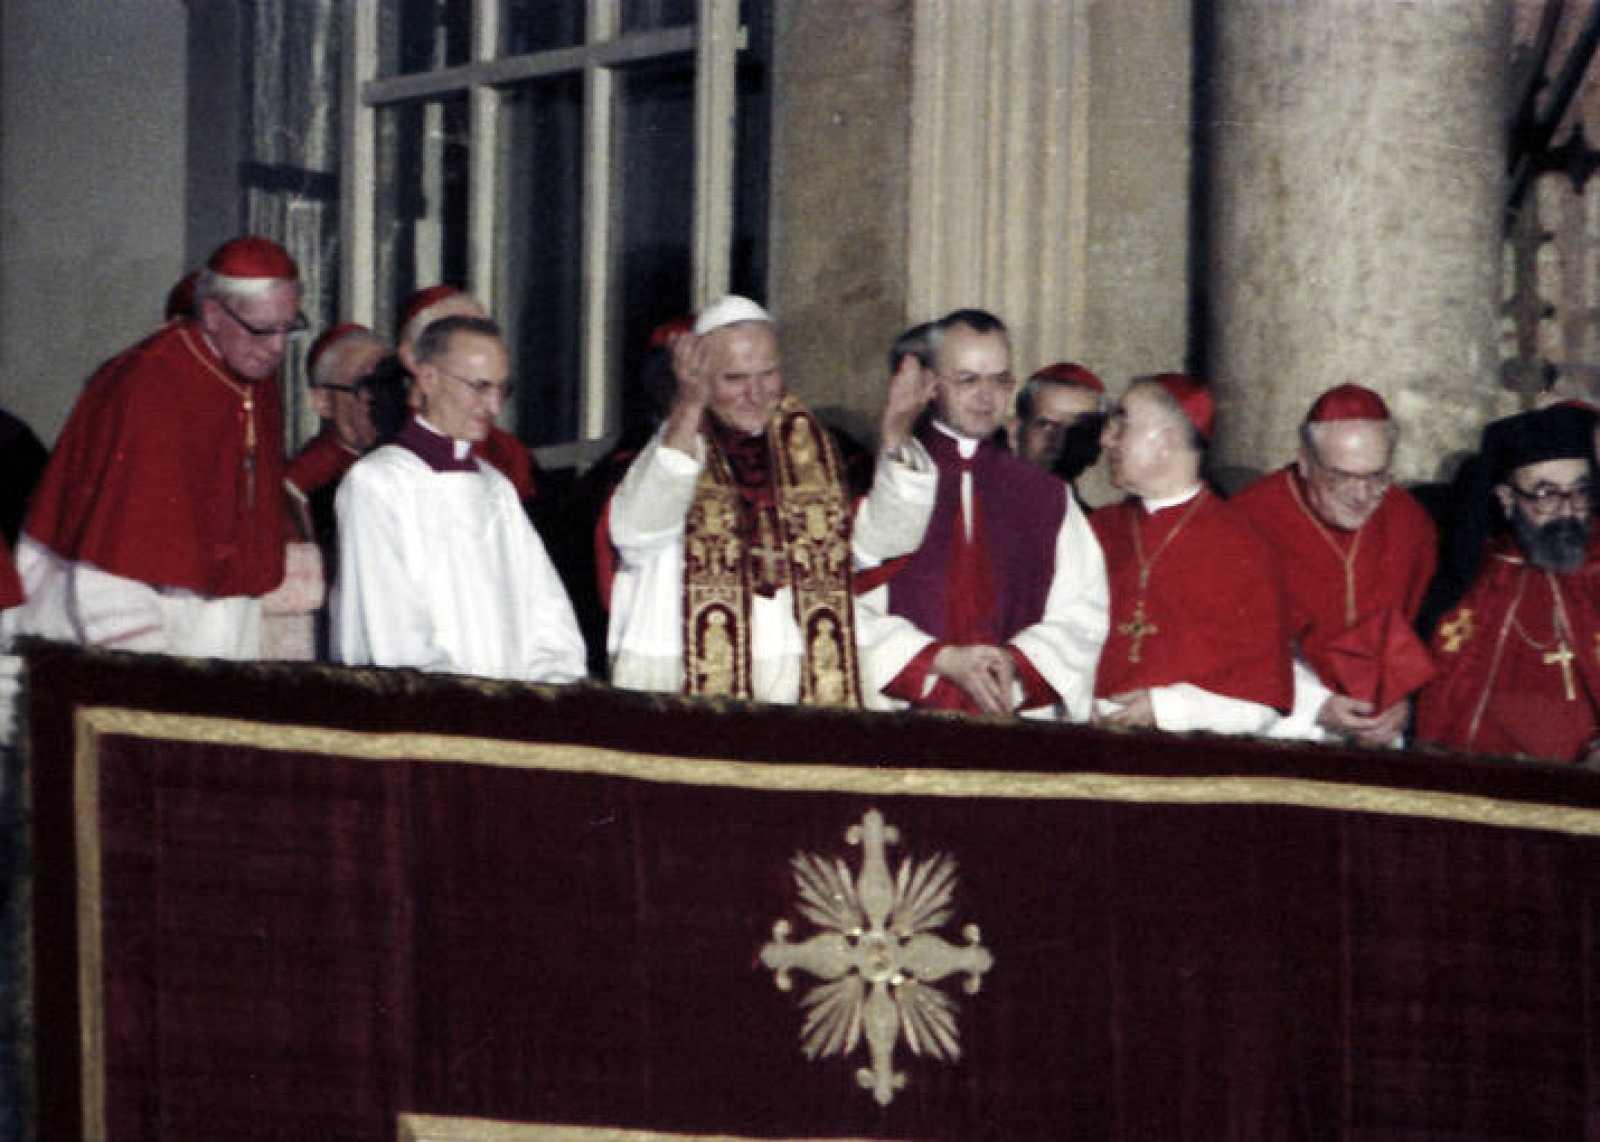 El 16 de octubre de 1978, el polaco Karol Wojtyla hacía su primera aparición en el balcón de la basílica de San Pedro de El Vaticano como Papa.